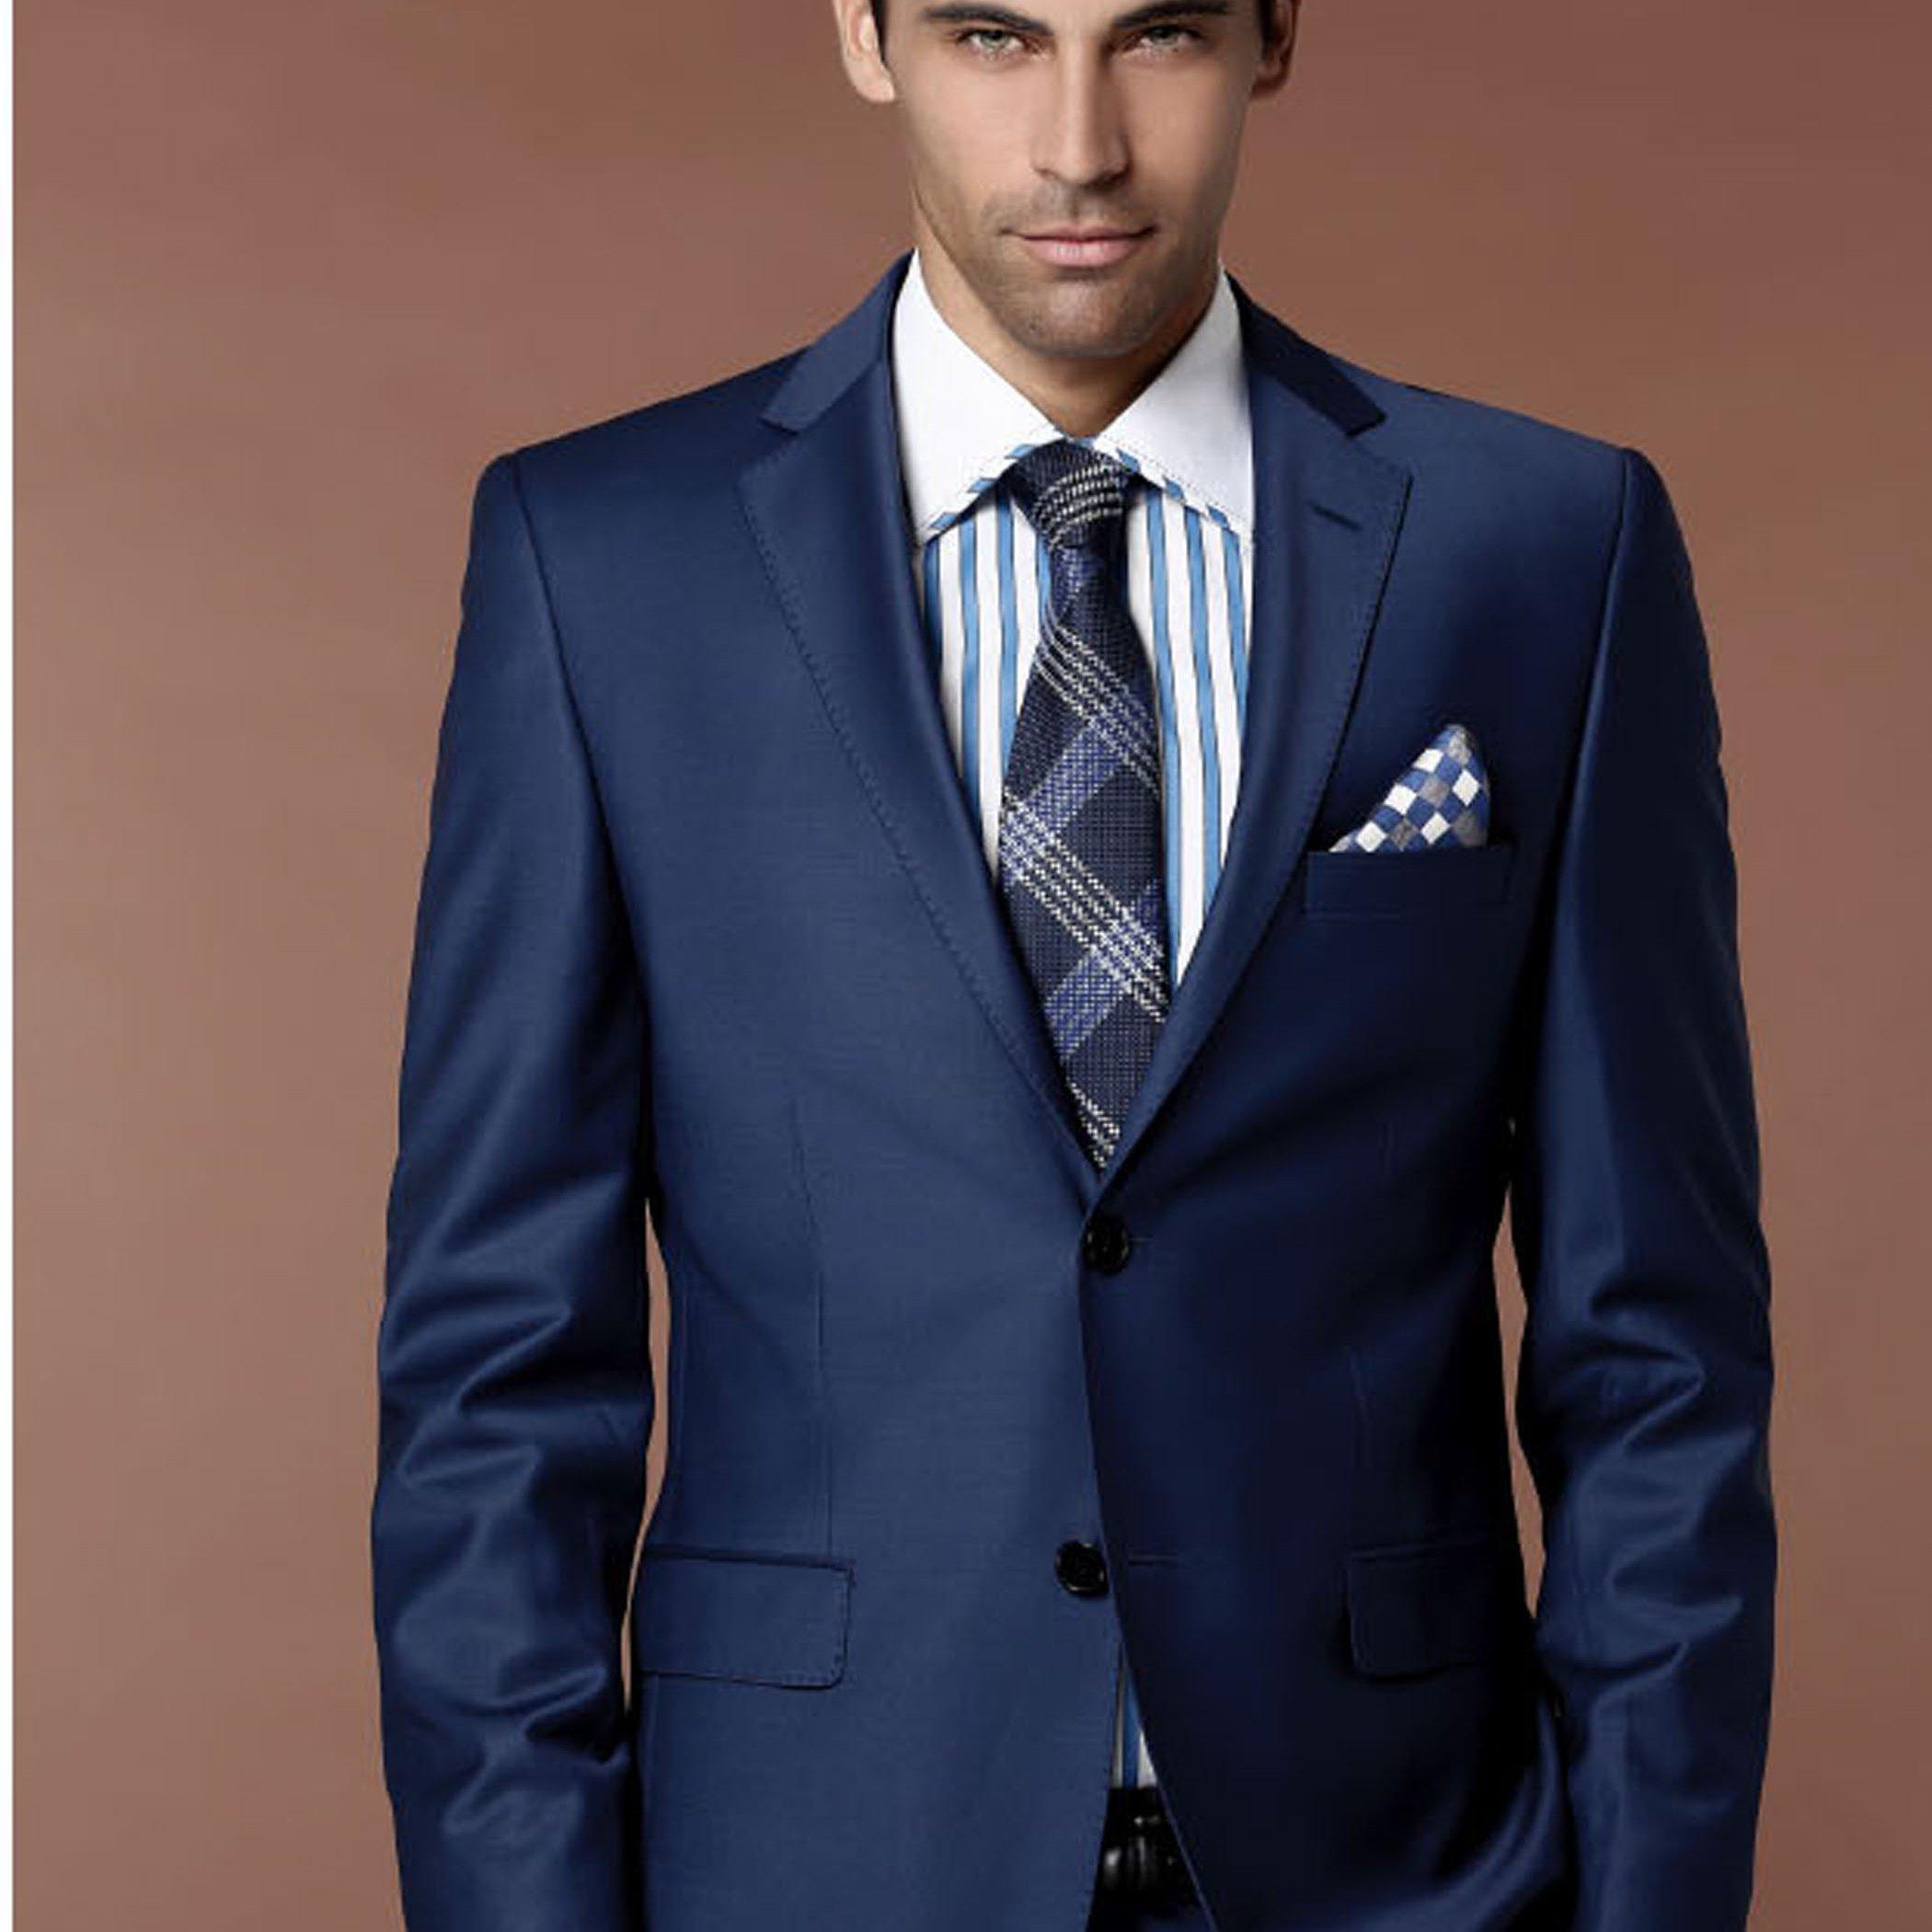 teget odelo #210 - muska strukirana odela, muska odela beograd, prodaja strukiranih muskih odela, prodaja muskih odela za vencanja, poslovno odelo, odela za vencanje, odela za maturu, odela za svadbu, plavo odelo, odela za veridbu, odela za slavlje